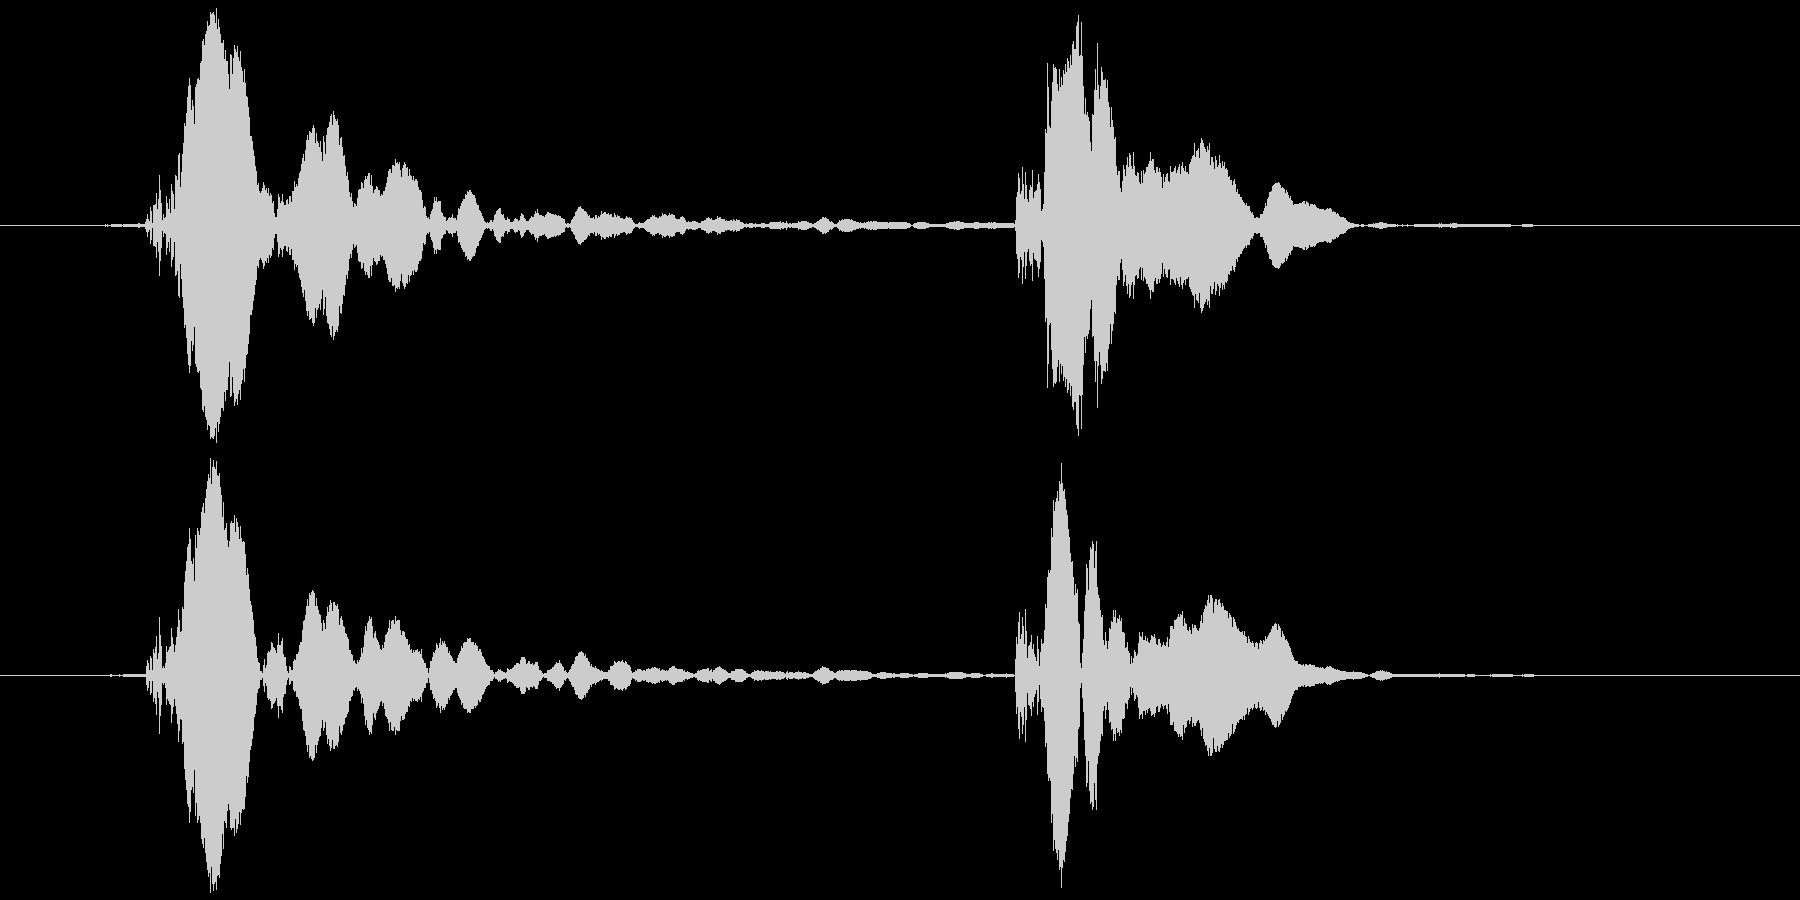 ピコピコハンマー ピコッ (低め)の未再生の波形